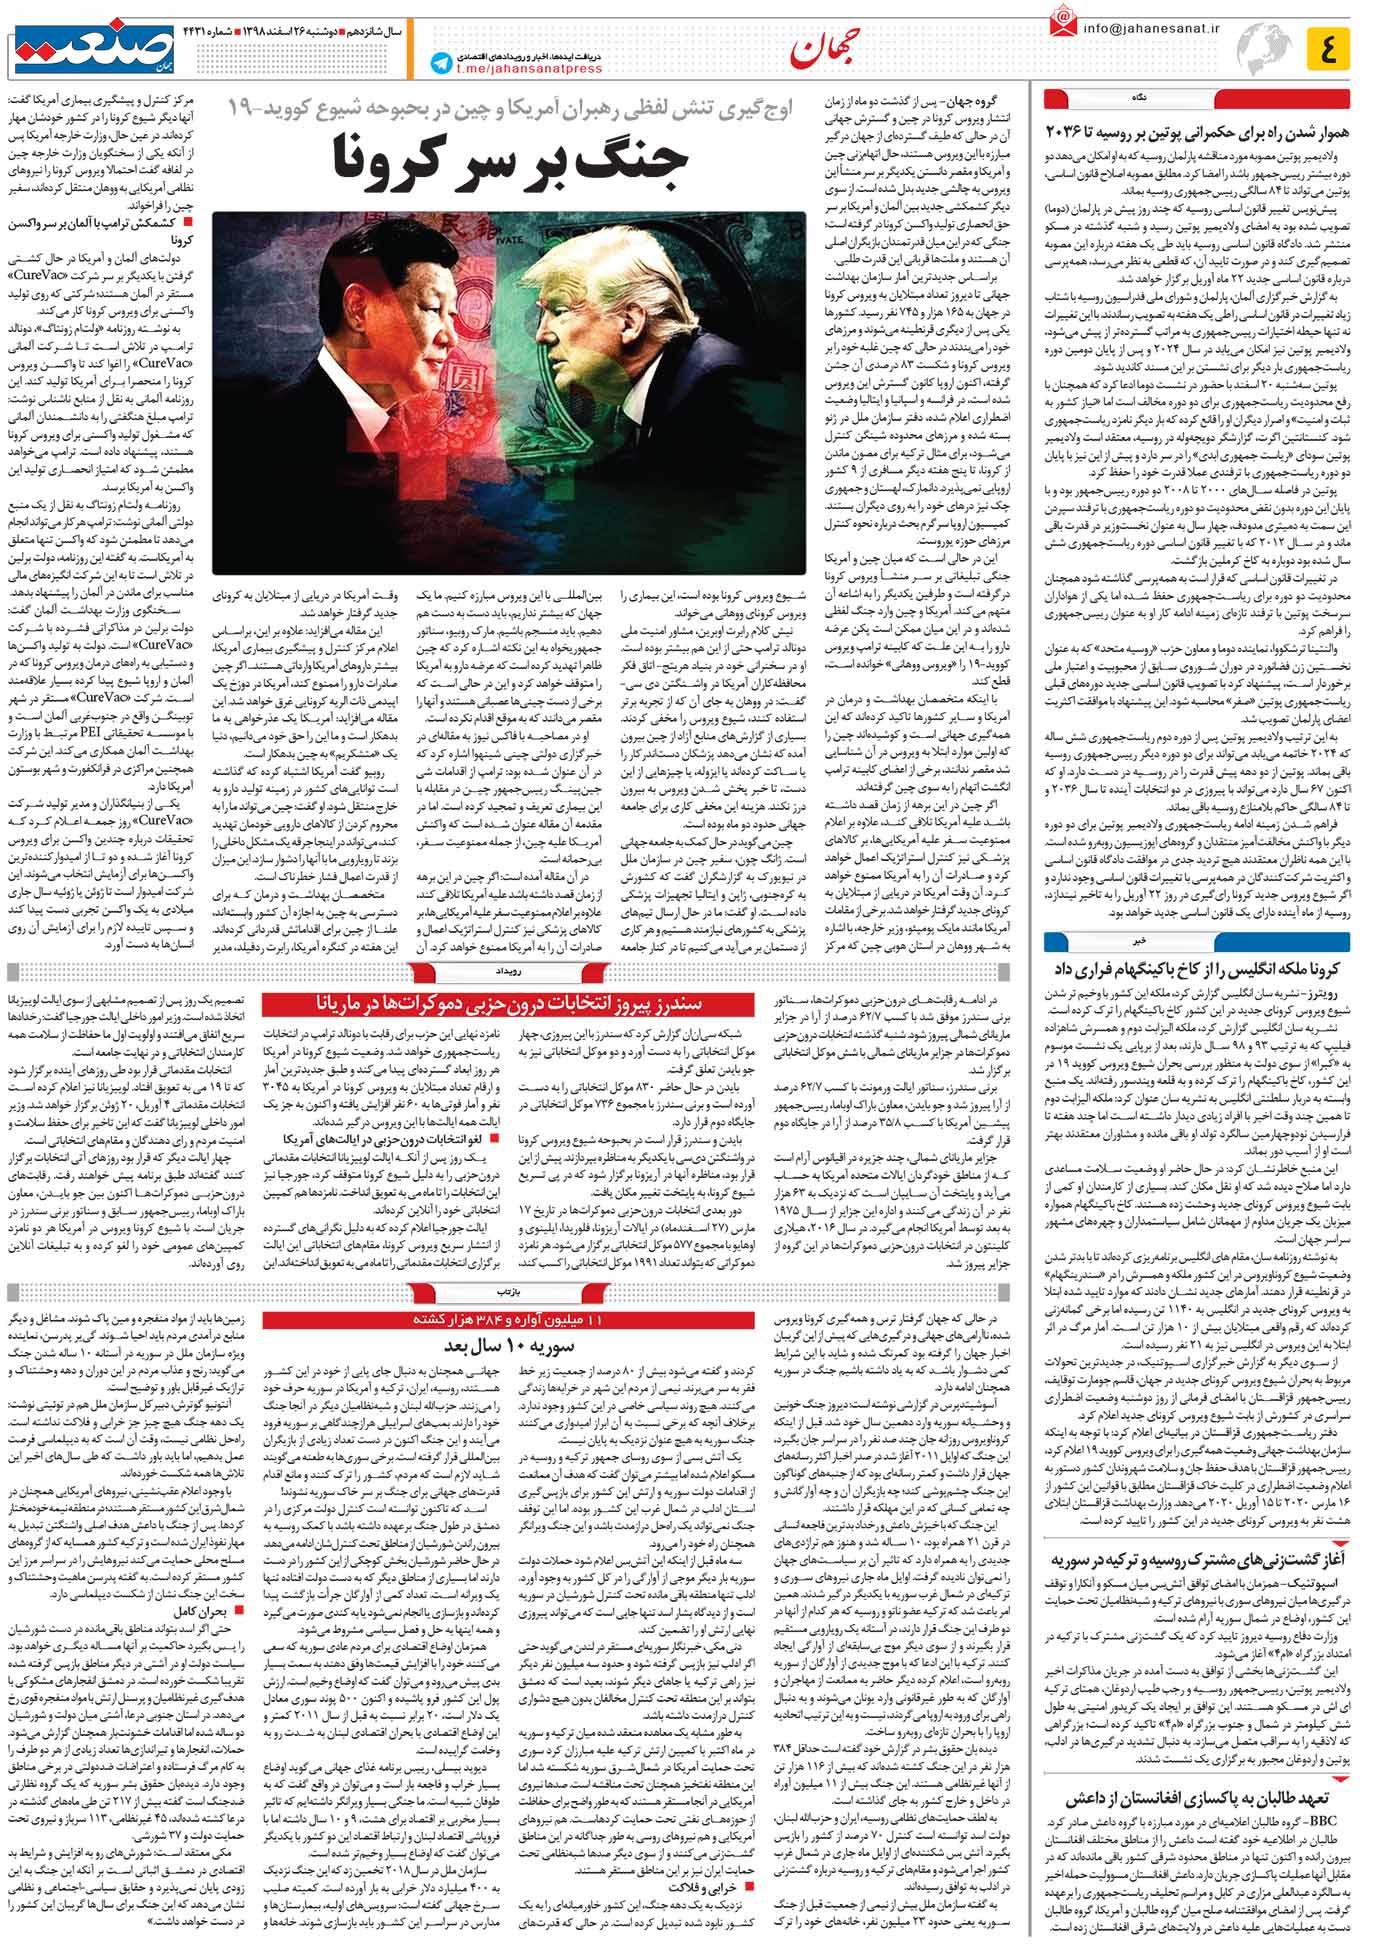 صفحه ۰۴ – ۲۶ اسفند ۱۳۹۸